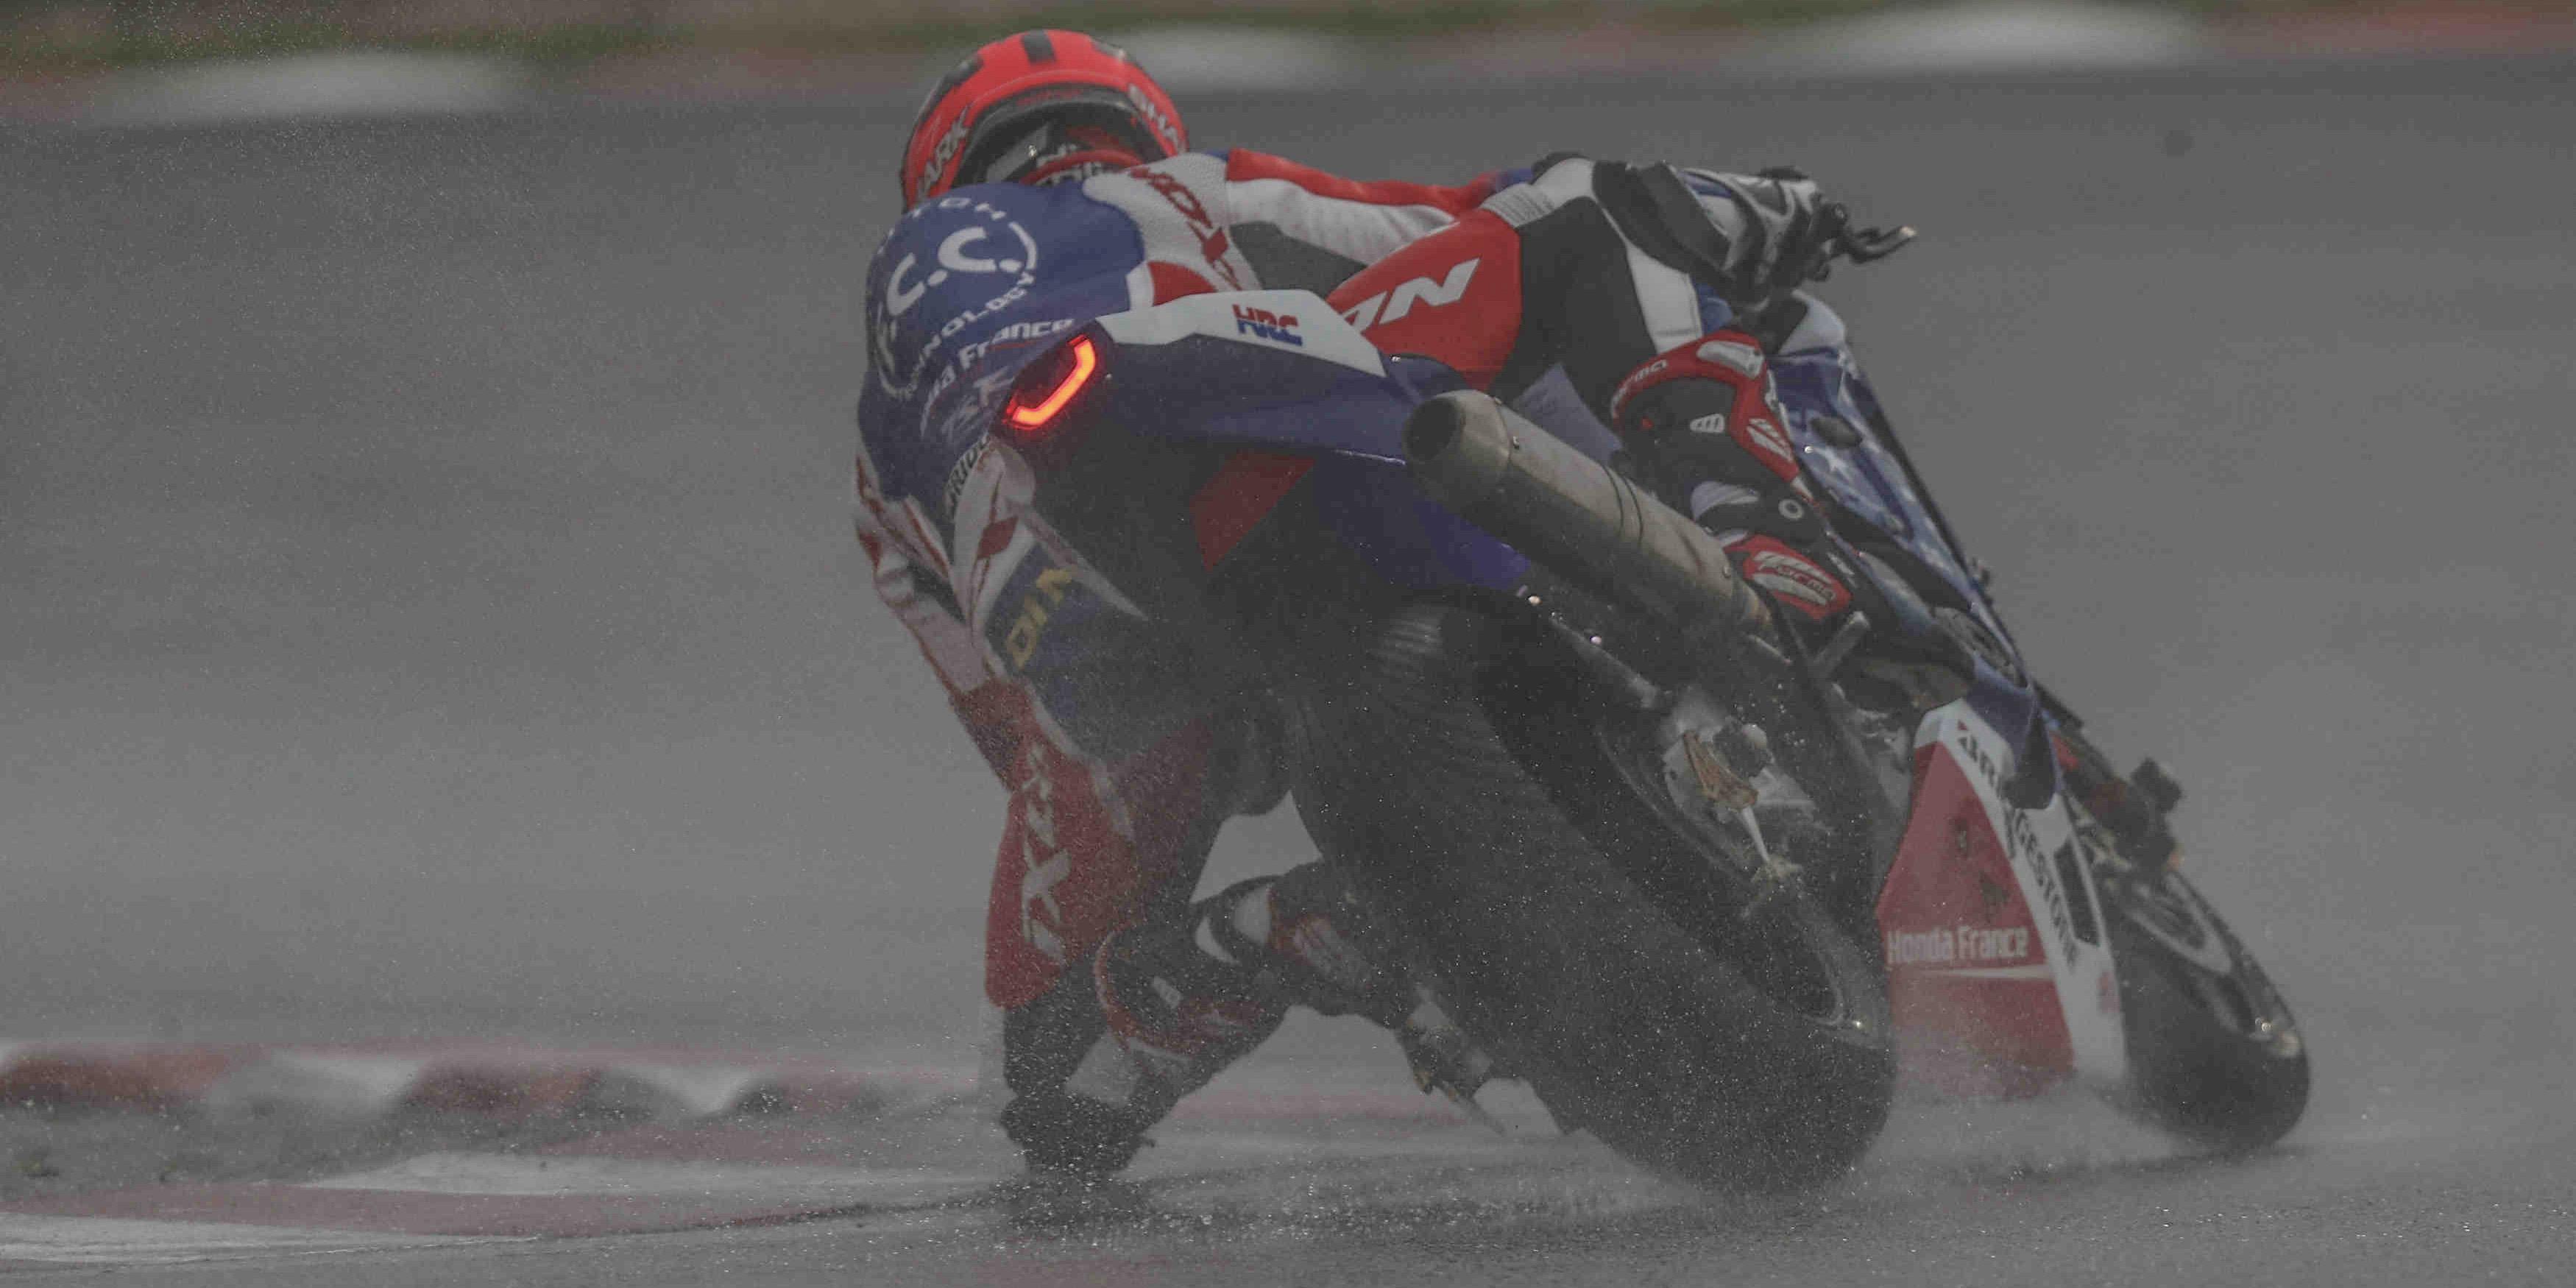 F.C.C. TSR Honda France en tête à Sepang